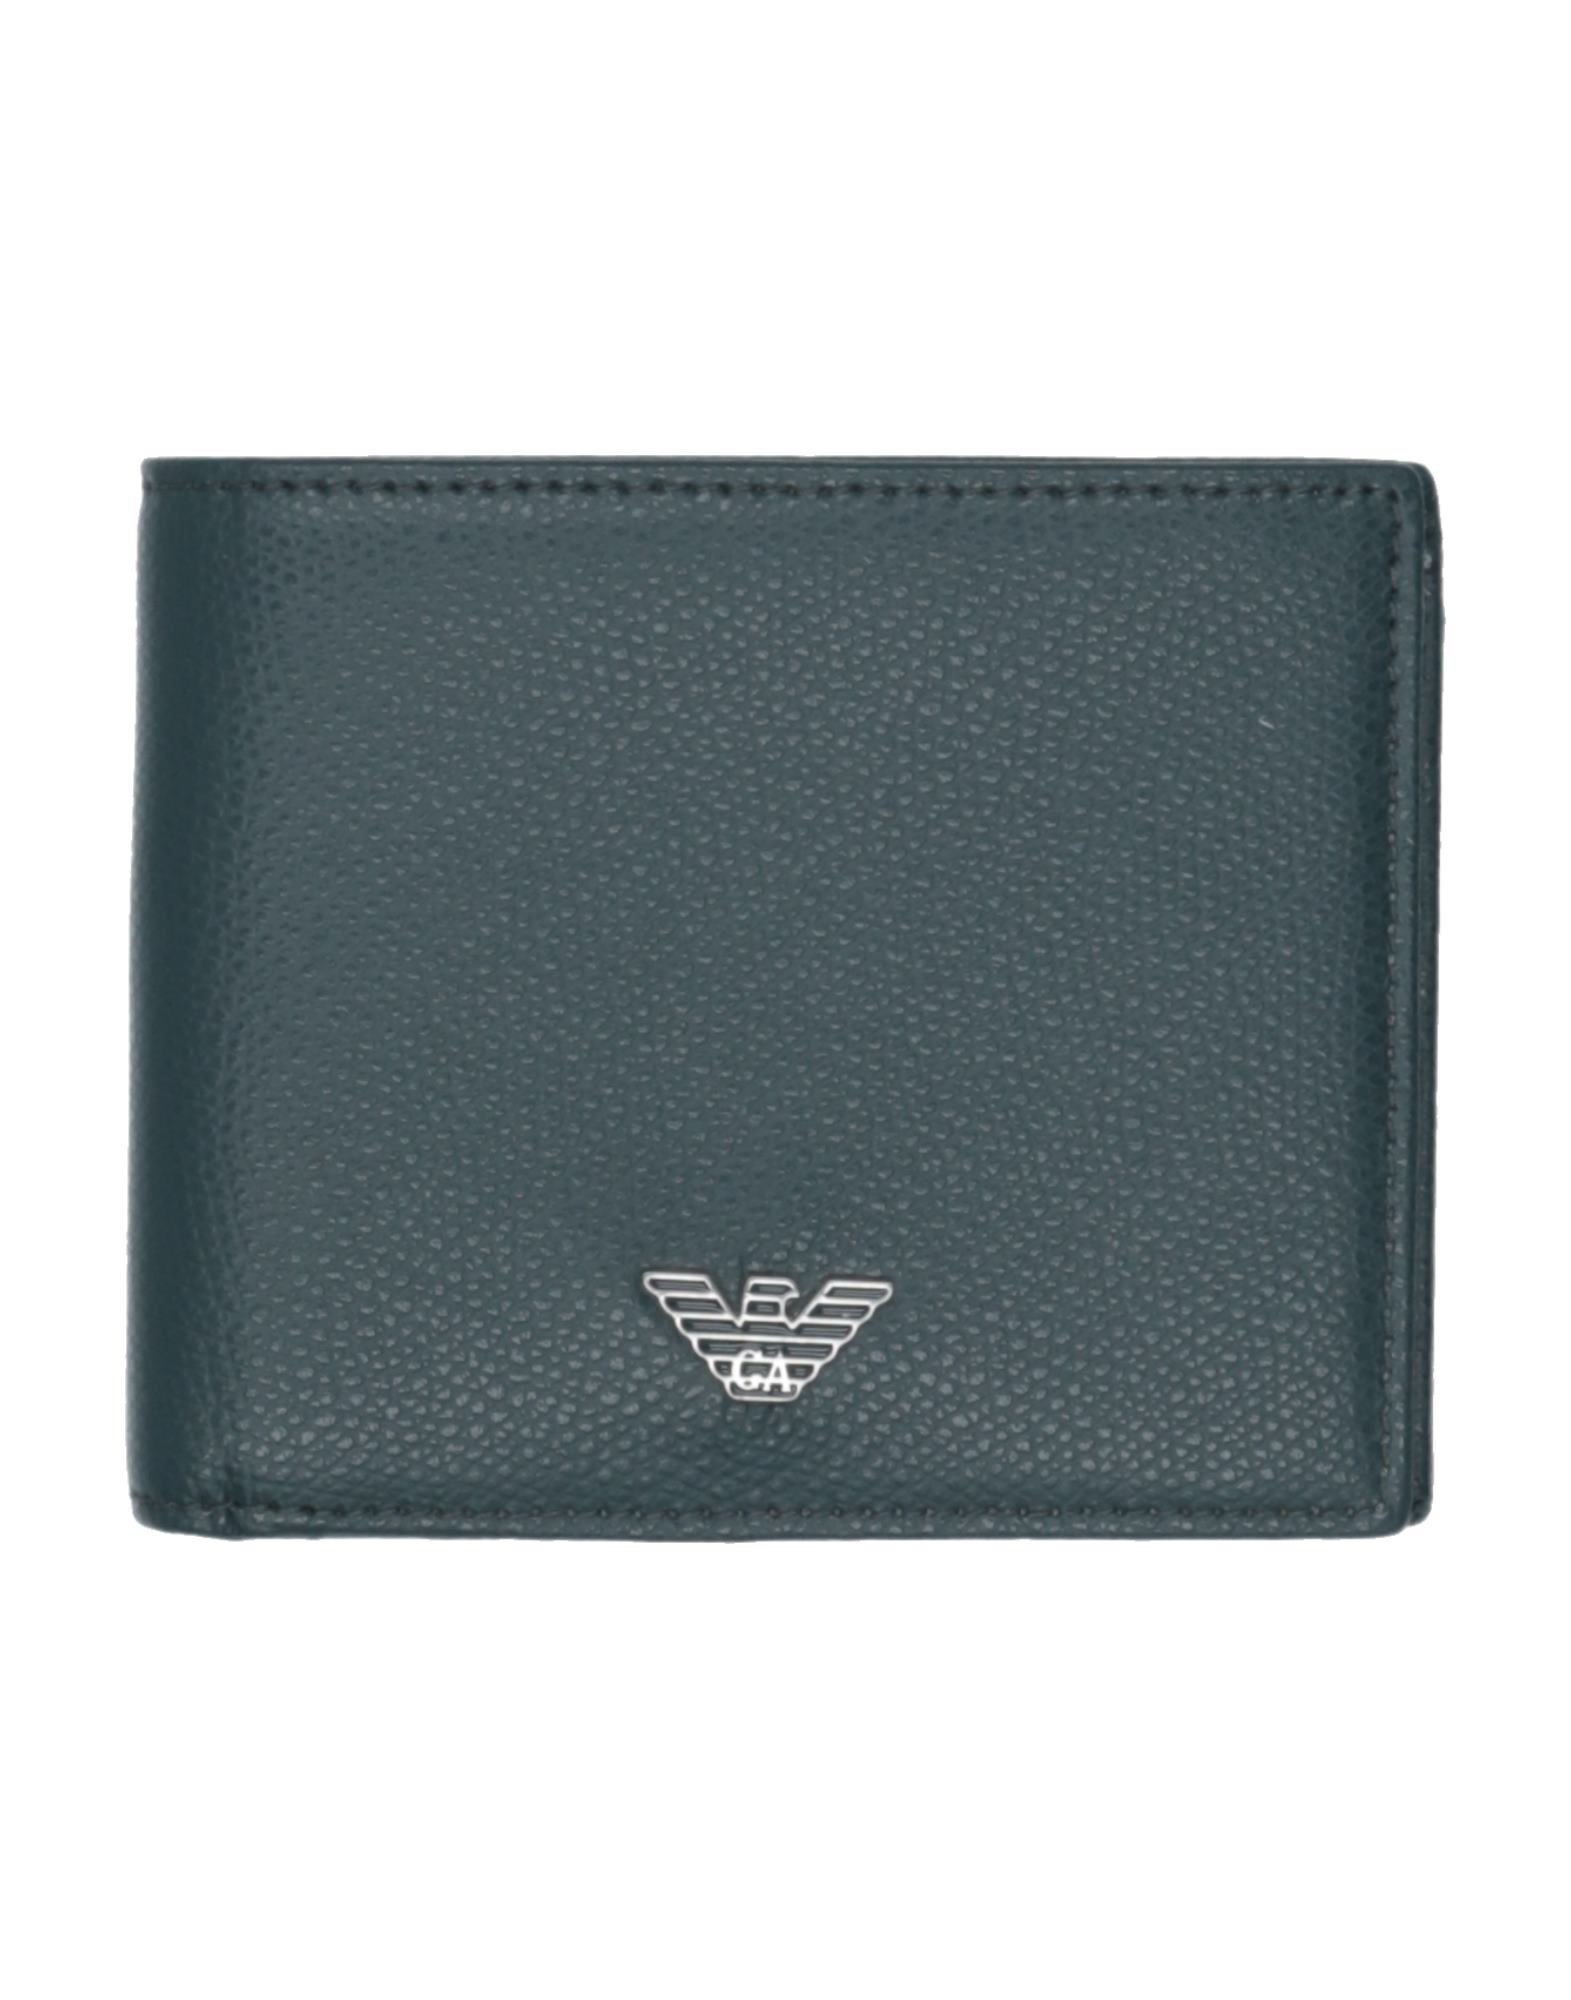 Emporio Armani Wallets WALLETS